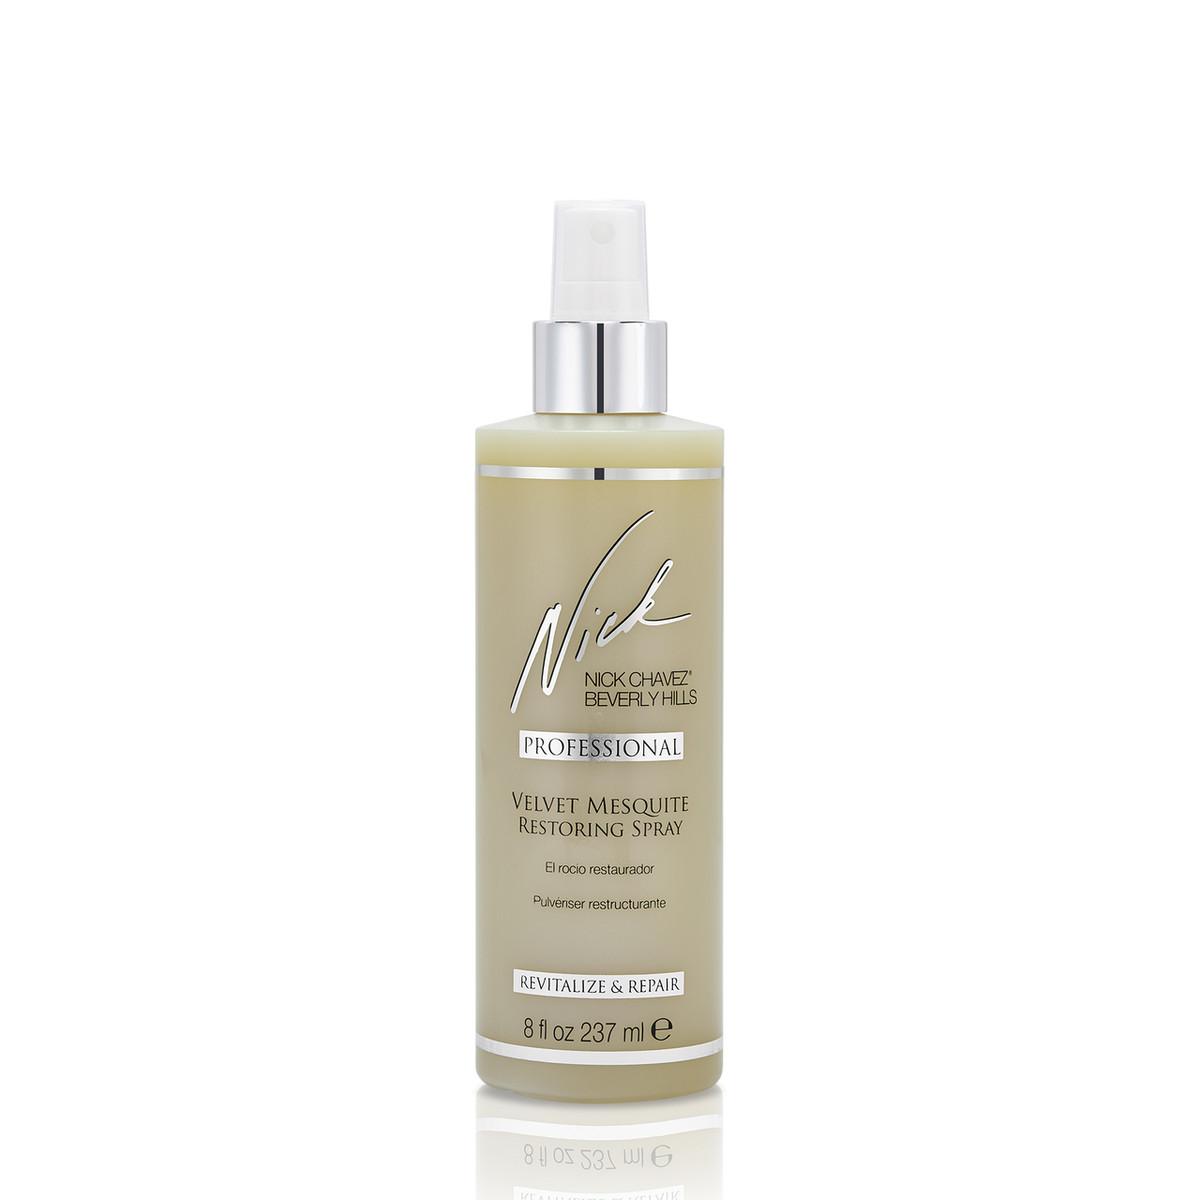 8oz Velvet Mesquite Restoring Spray